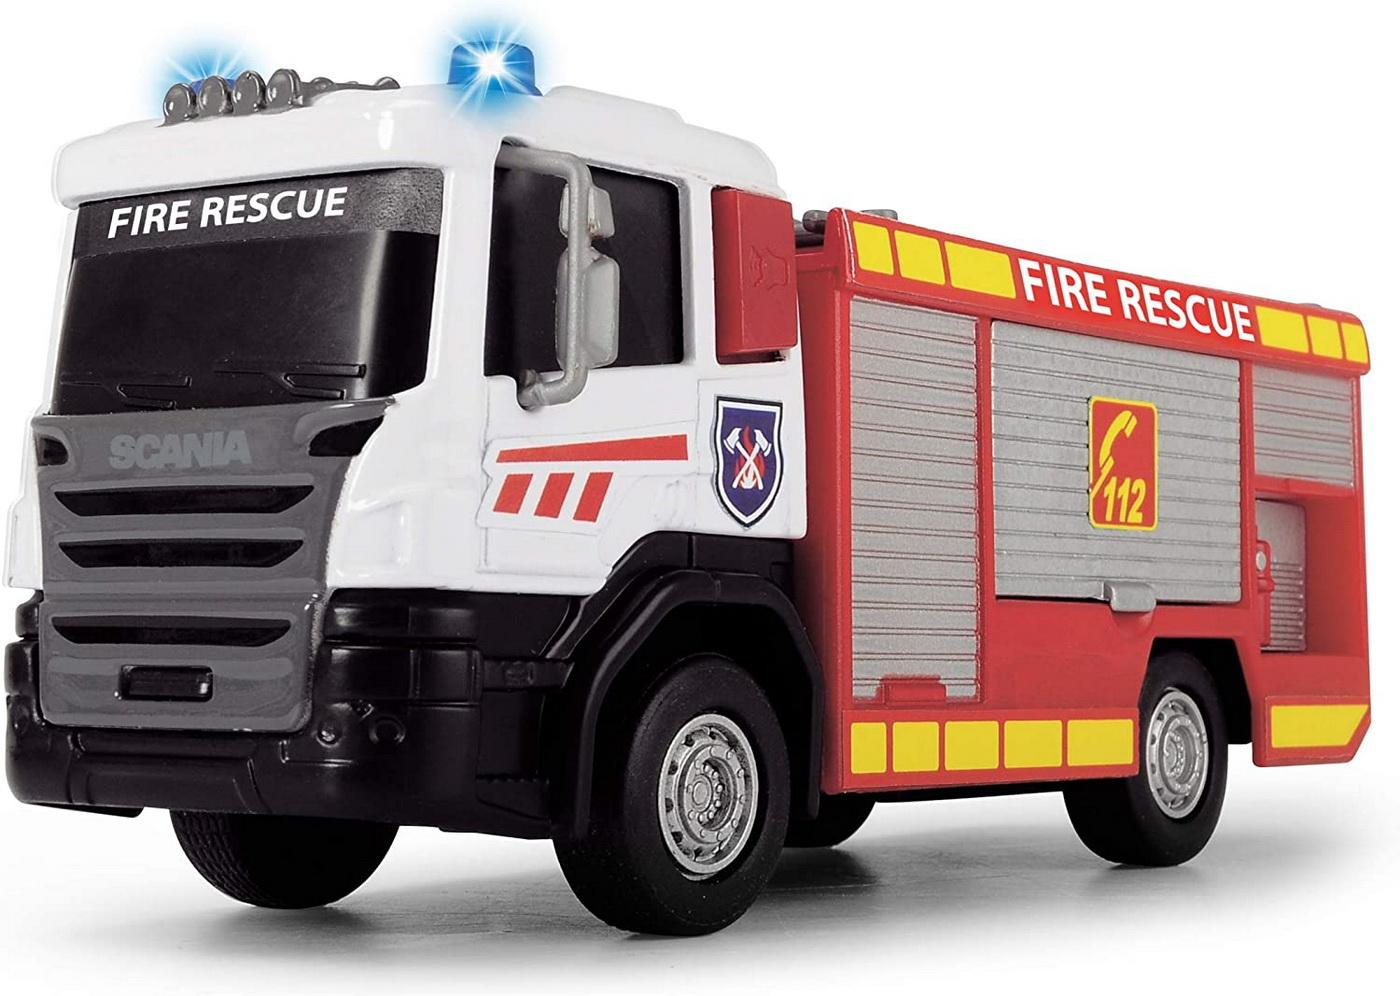 Masinuta - Scania Fire Rescue, cu scara | Dickie Toys